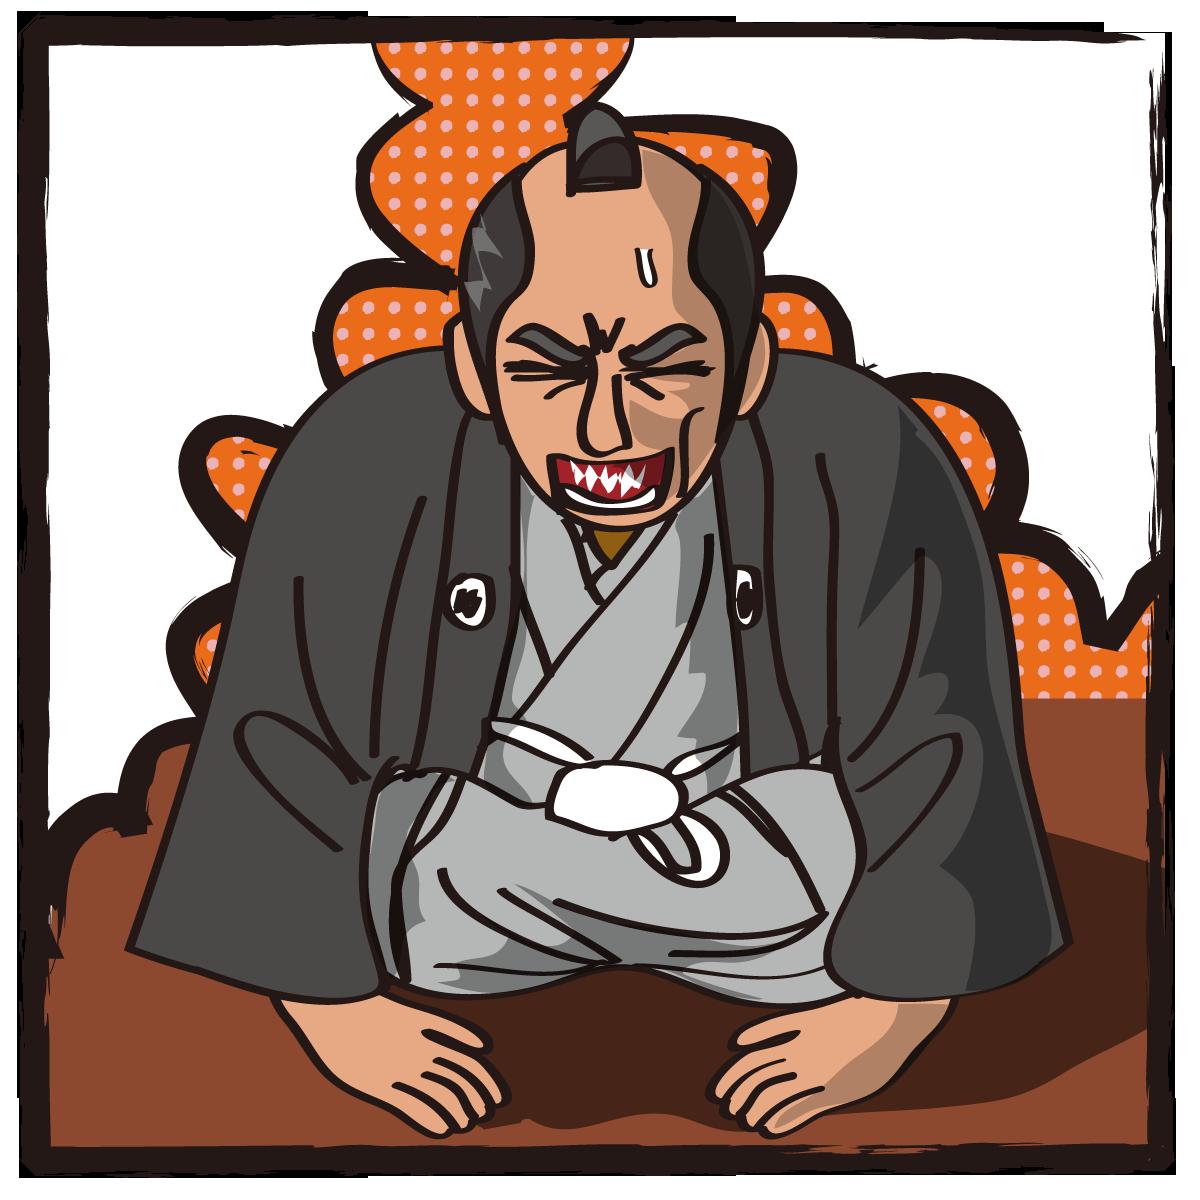 こんばんは。 人間関係メンター(cherish you mentor)であり、弁理士・経営コンサルタントでもある、田村(たむきょん)です(プロフィールはこちら)。  今日は少し反省するやり取りがあり、「知らず...